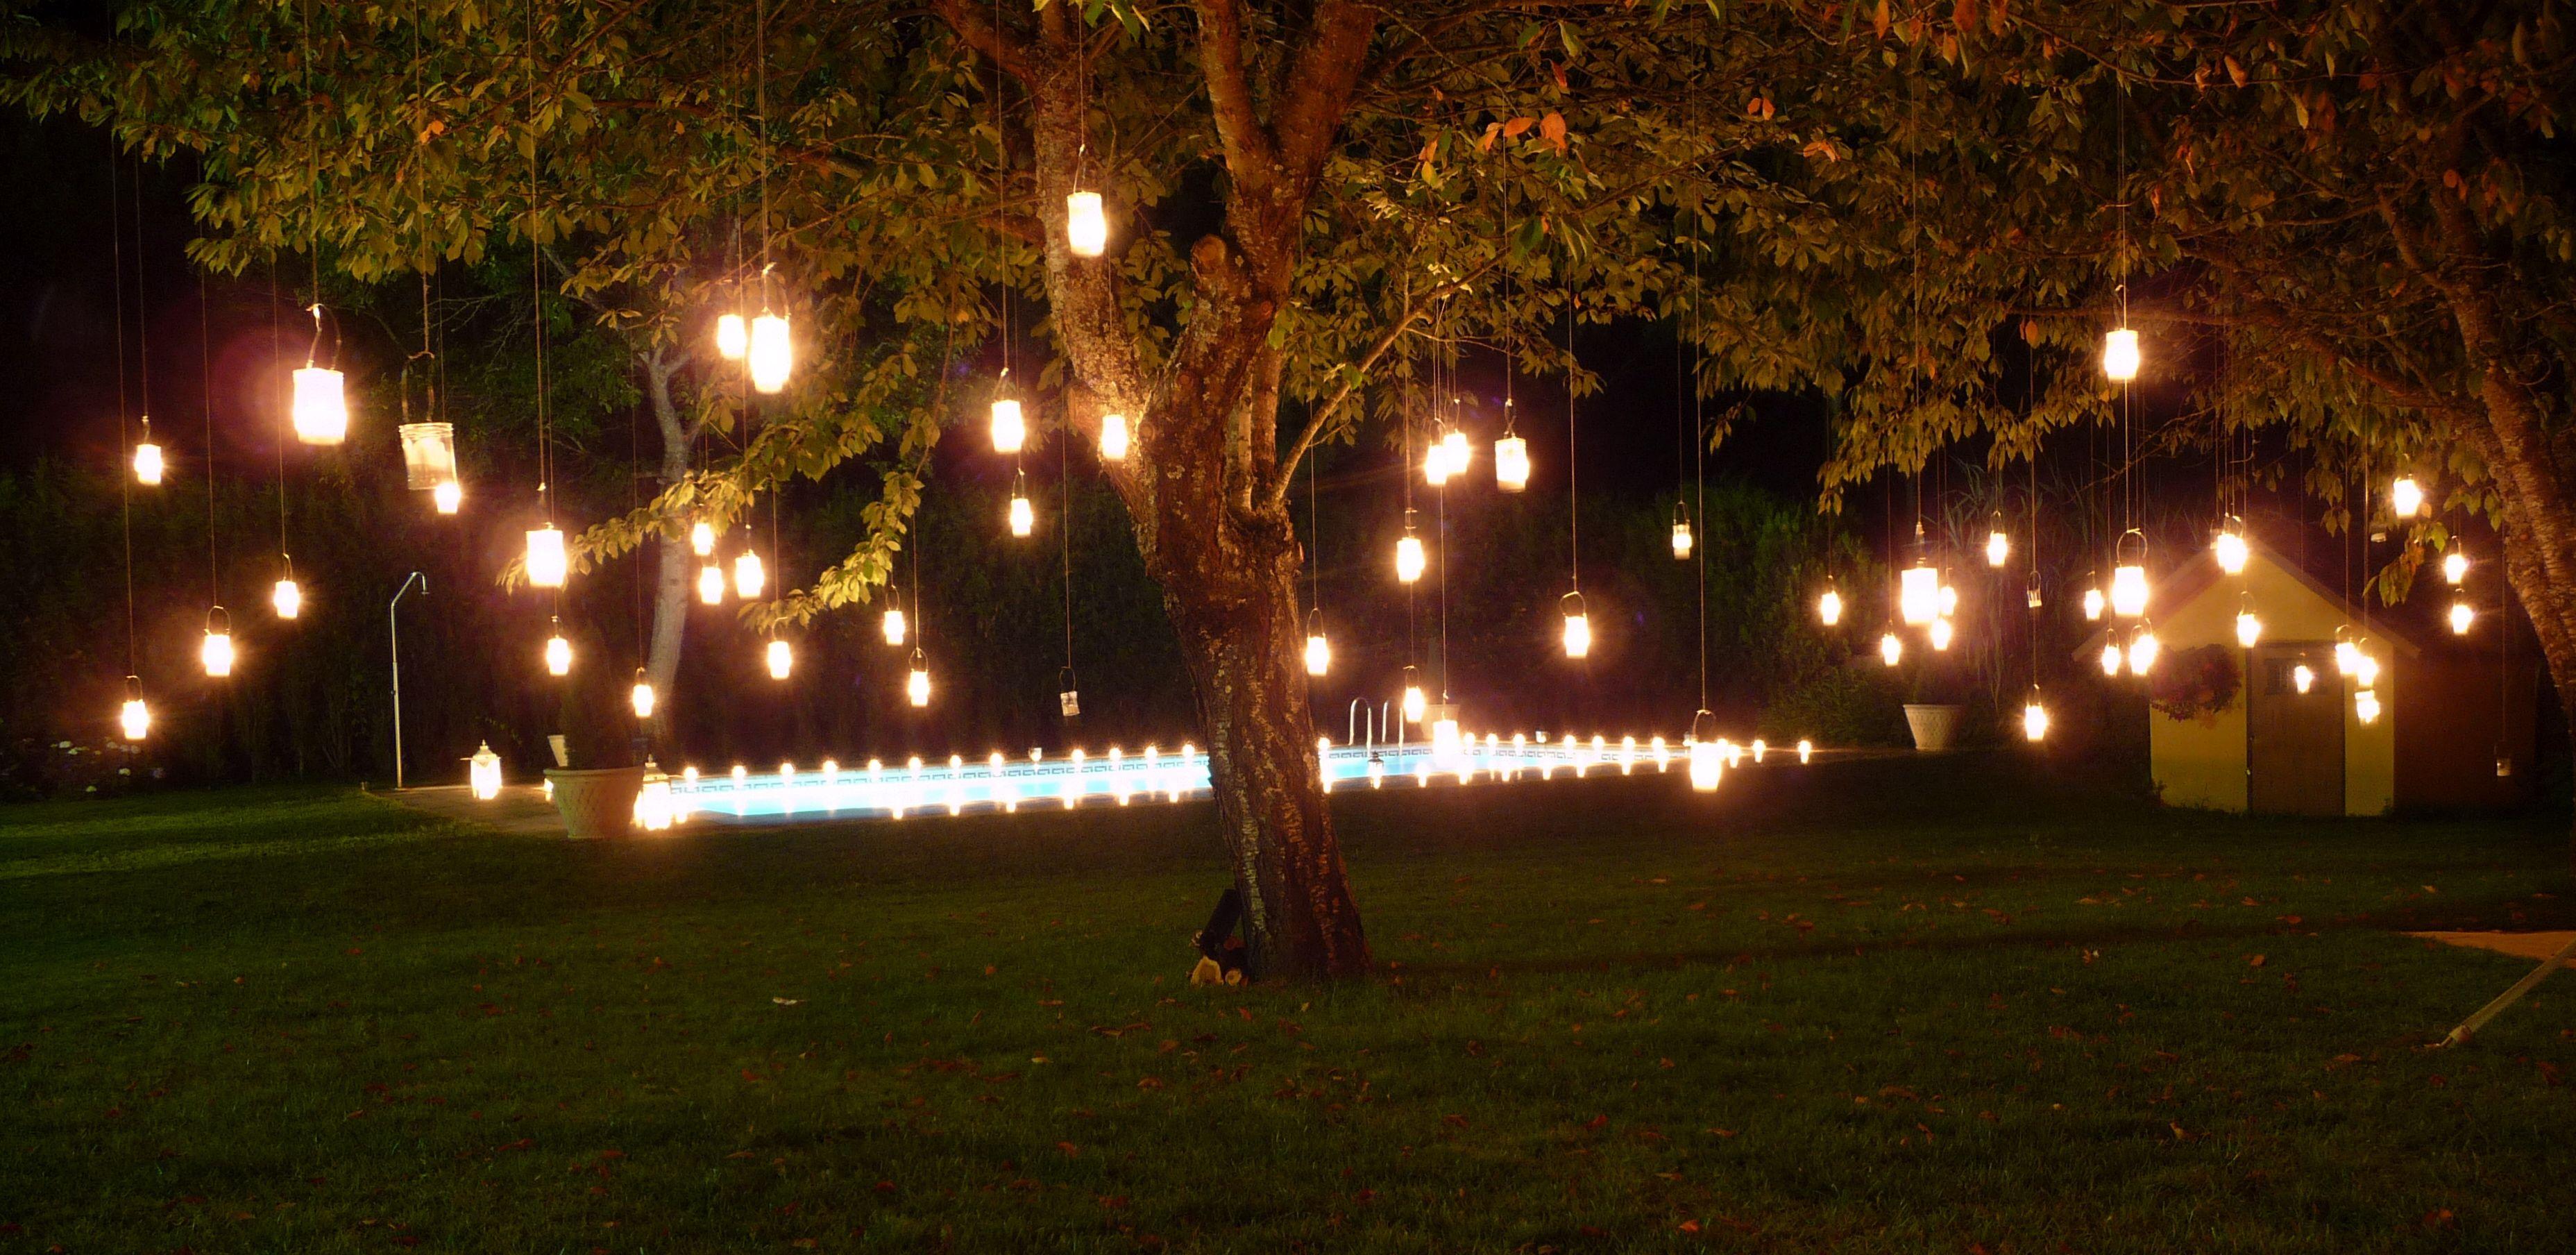 Iluminaci n nocturna con velas colgadas en los cerezos del for Luces colgantes para jardin